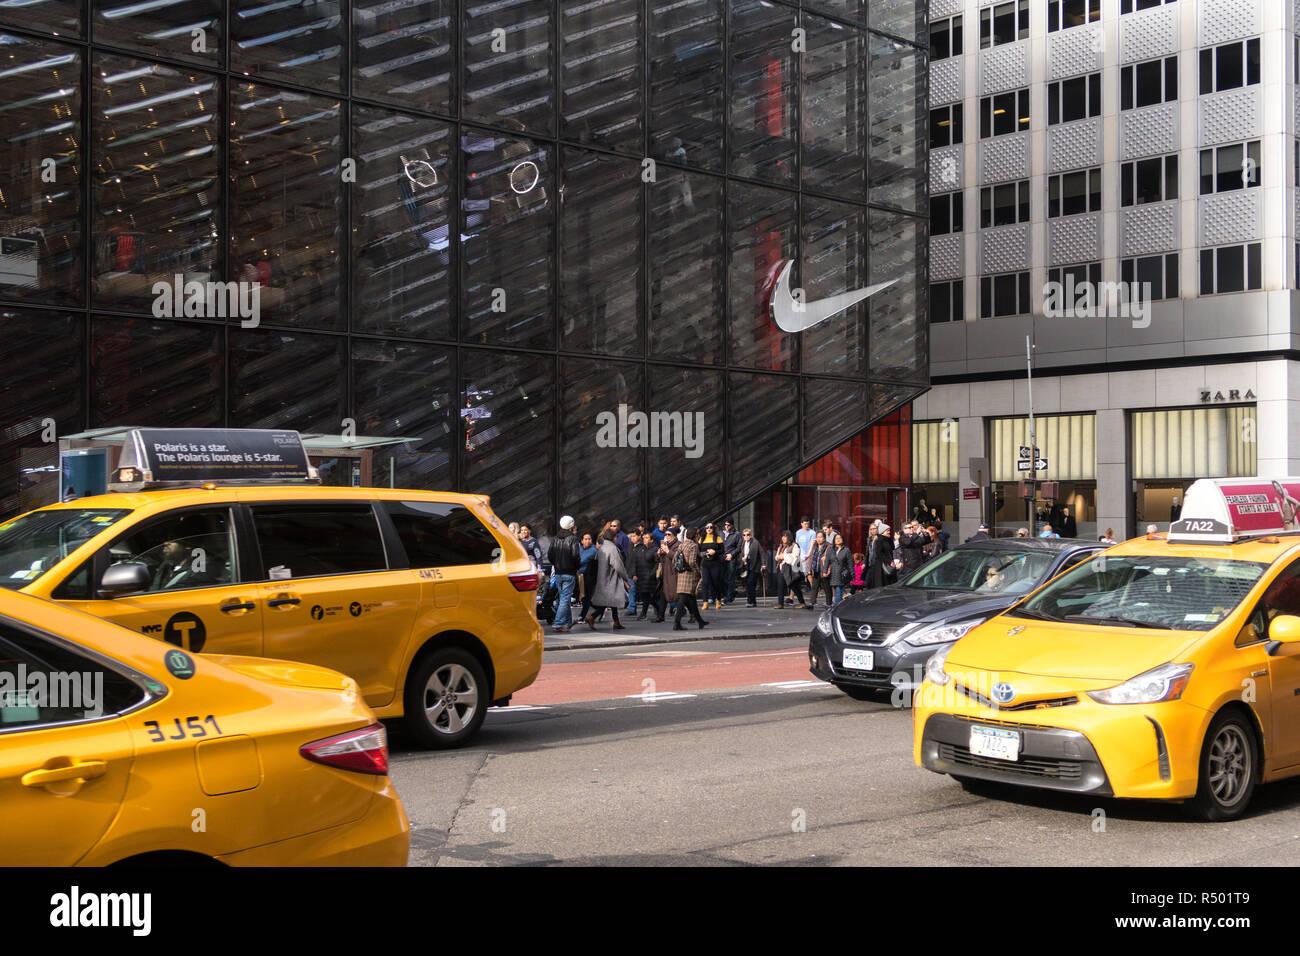 Exitoso detective mezcla  El logotipo de Nike en el escaparate de la Quinta Avenida, Manhattan,  Ciudad de Nueva York, EE.UU Fotografía de stock - Alamy